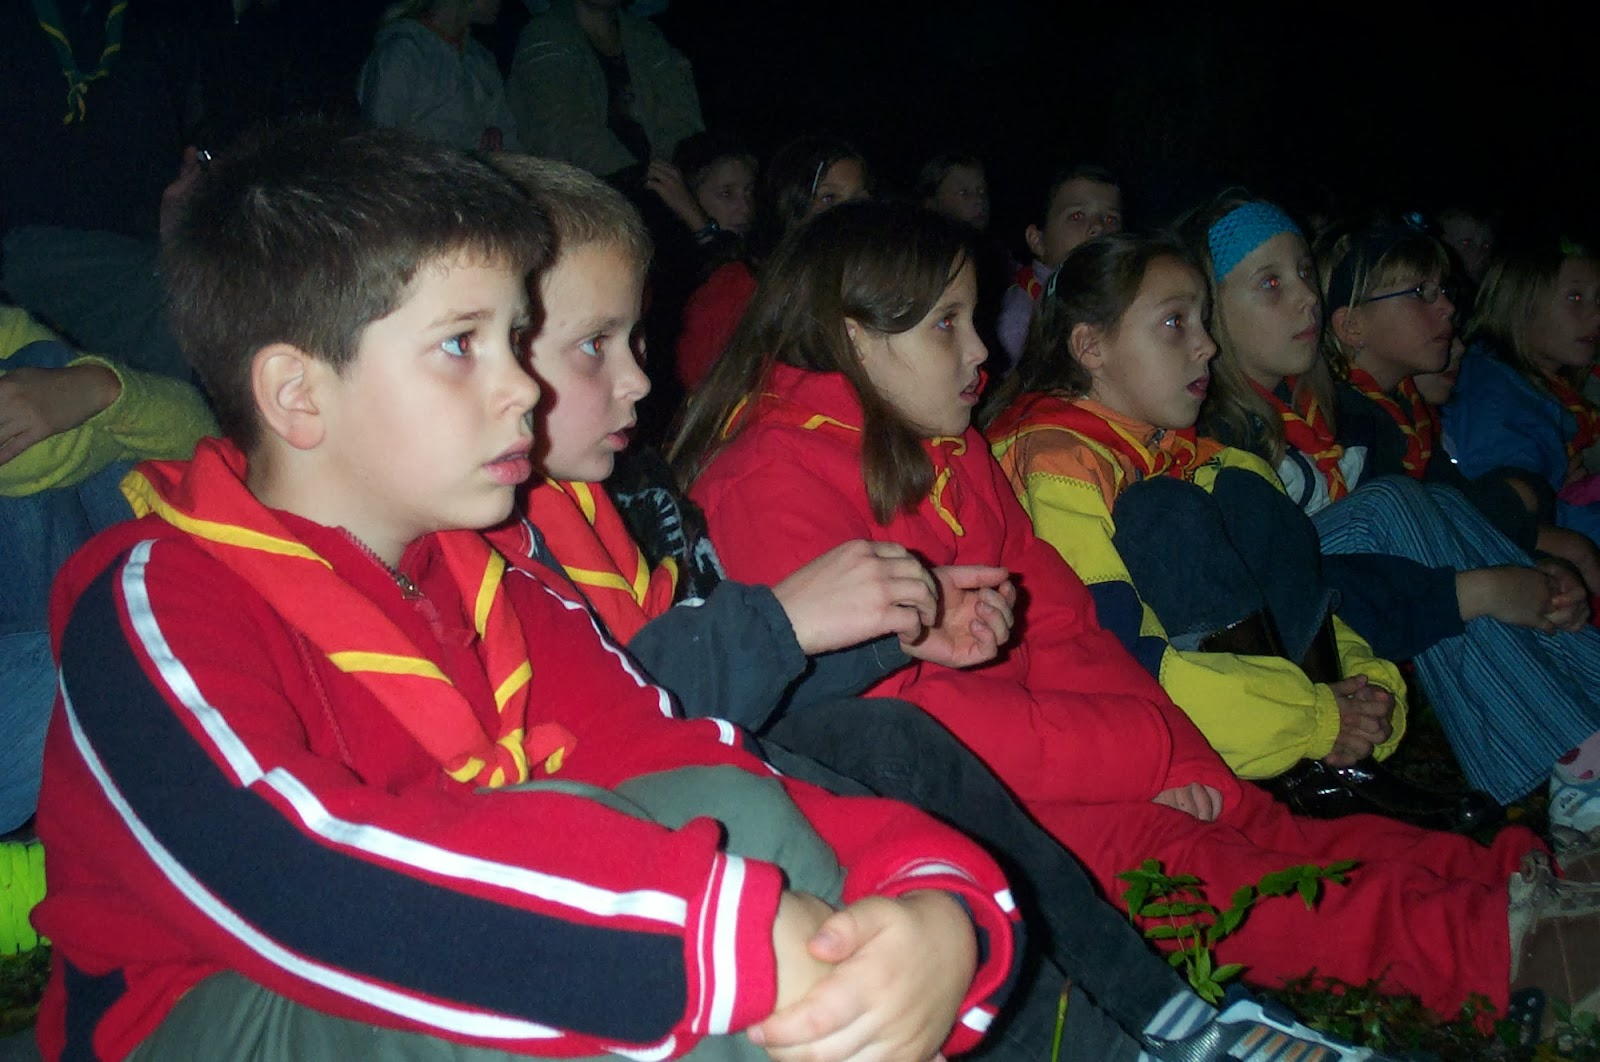 Prisega, Ilirska Bistrica 2004 - Prisega%2B2004%2B024.jpg